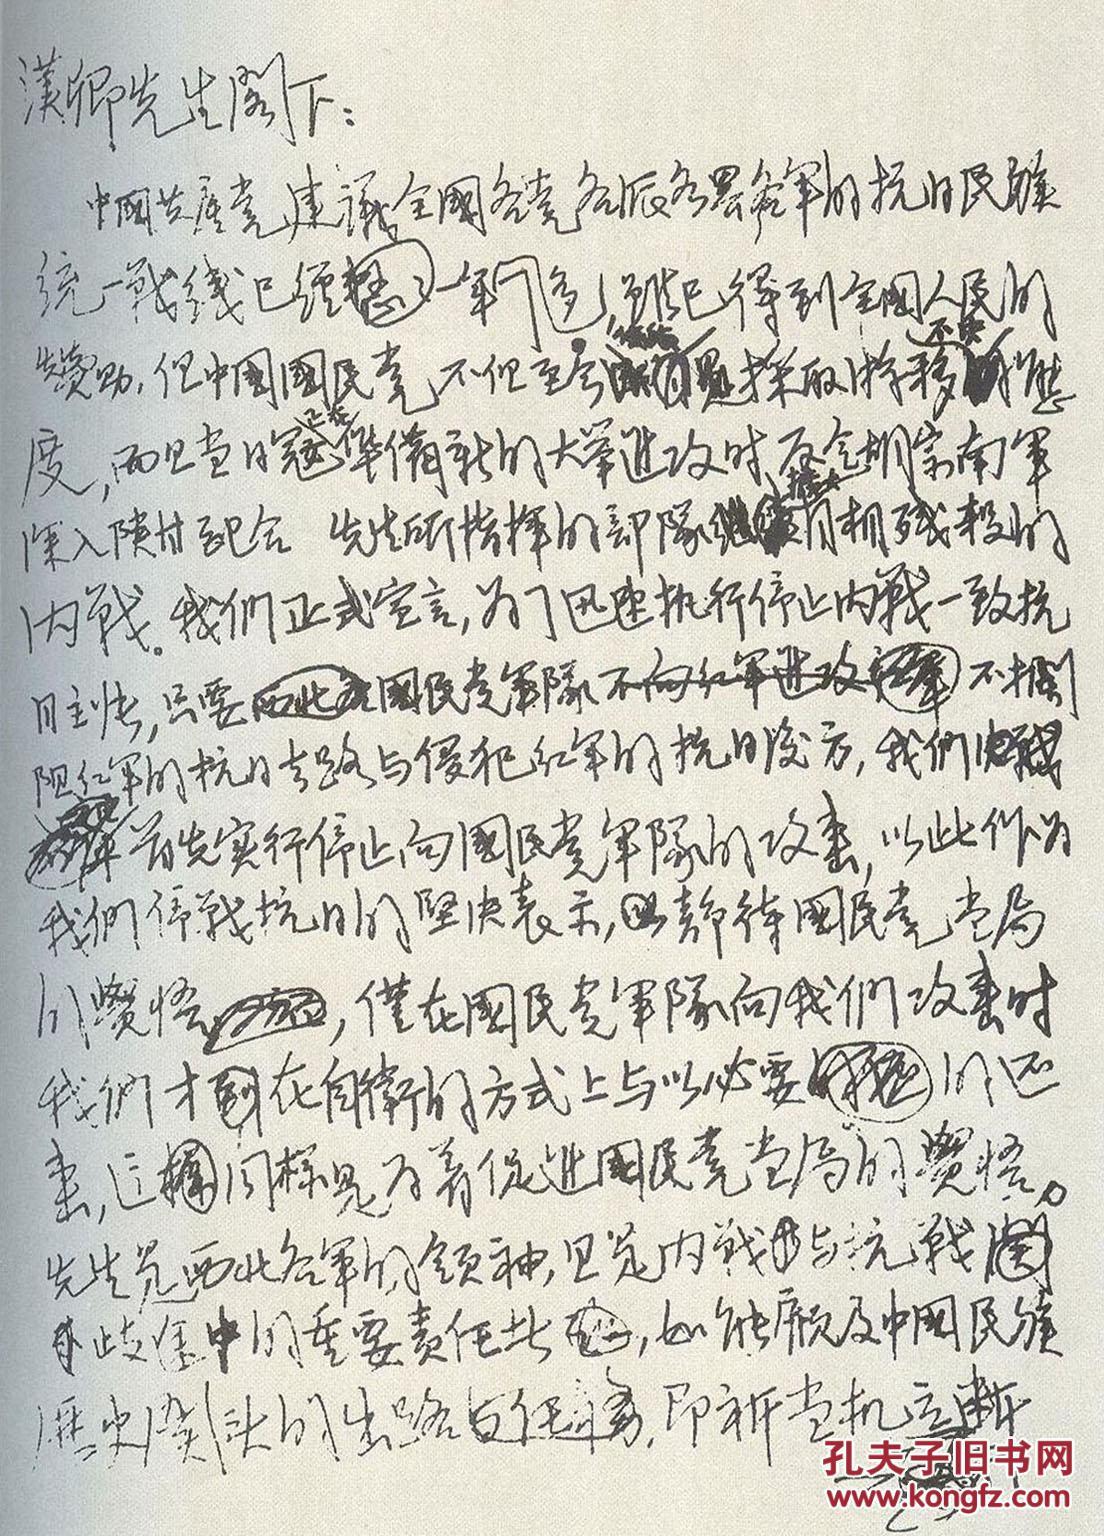 毛泽东硬笔书法 精装图片